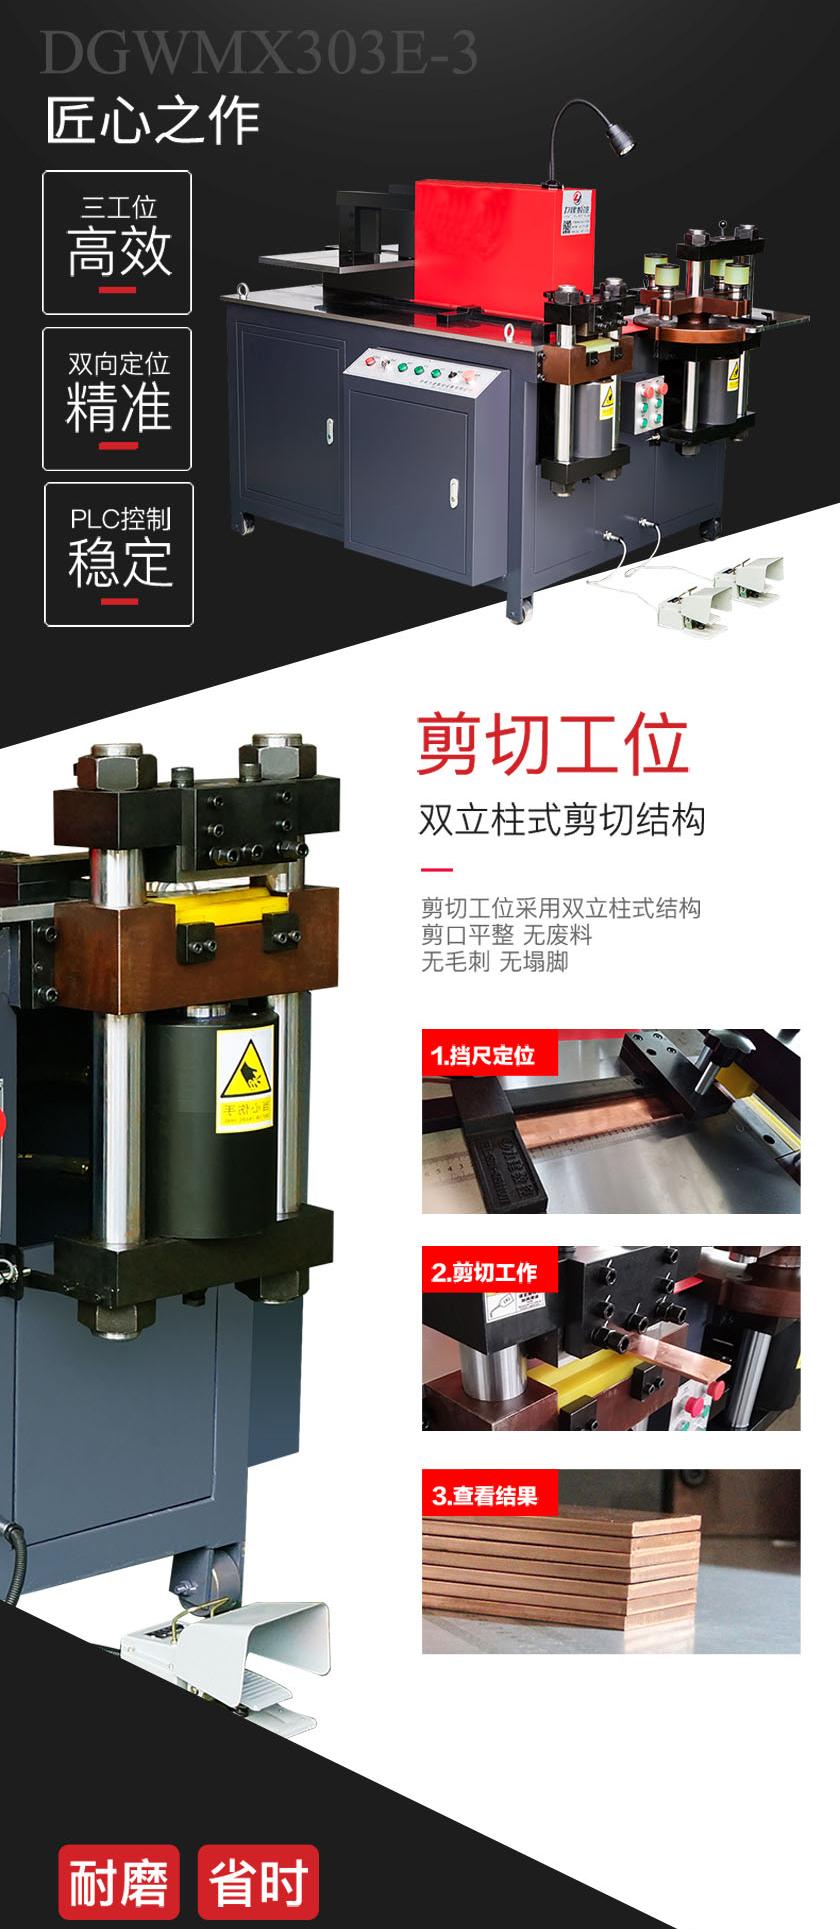 DGWMX303E-3銅排加工機